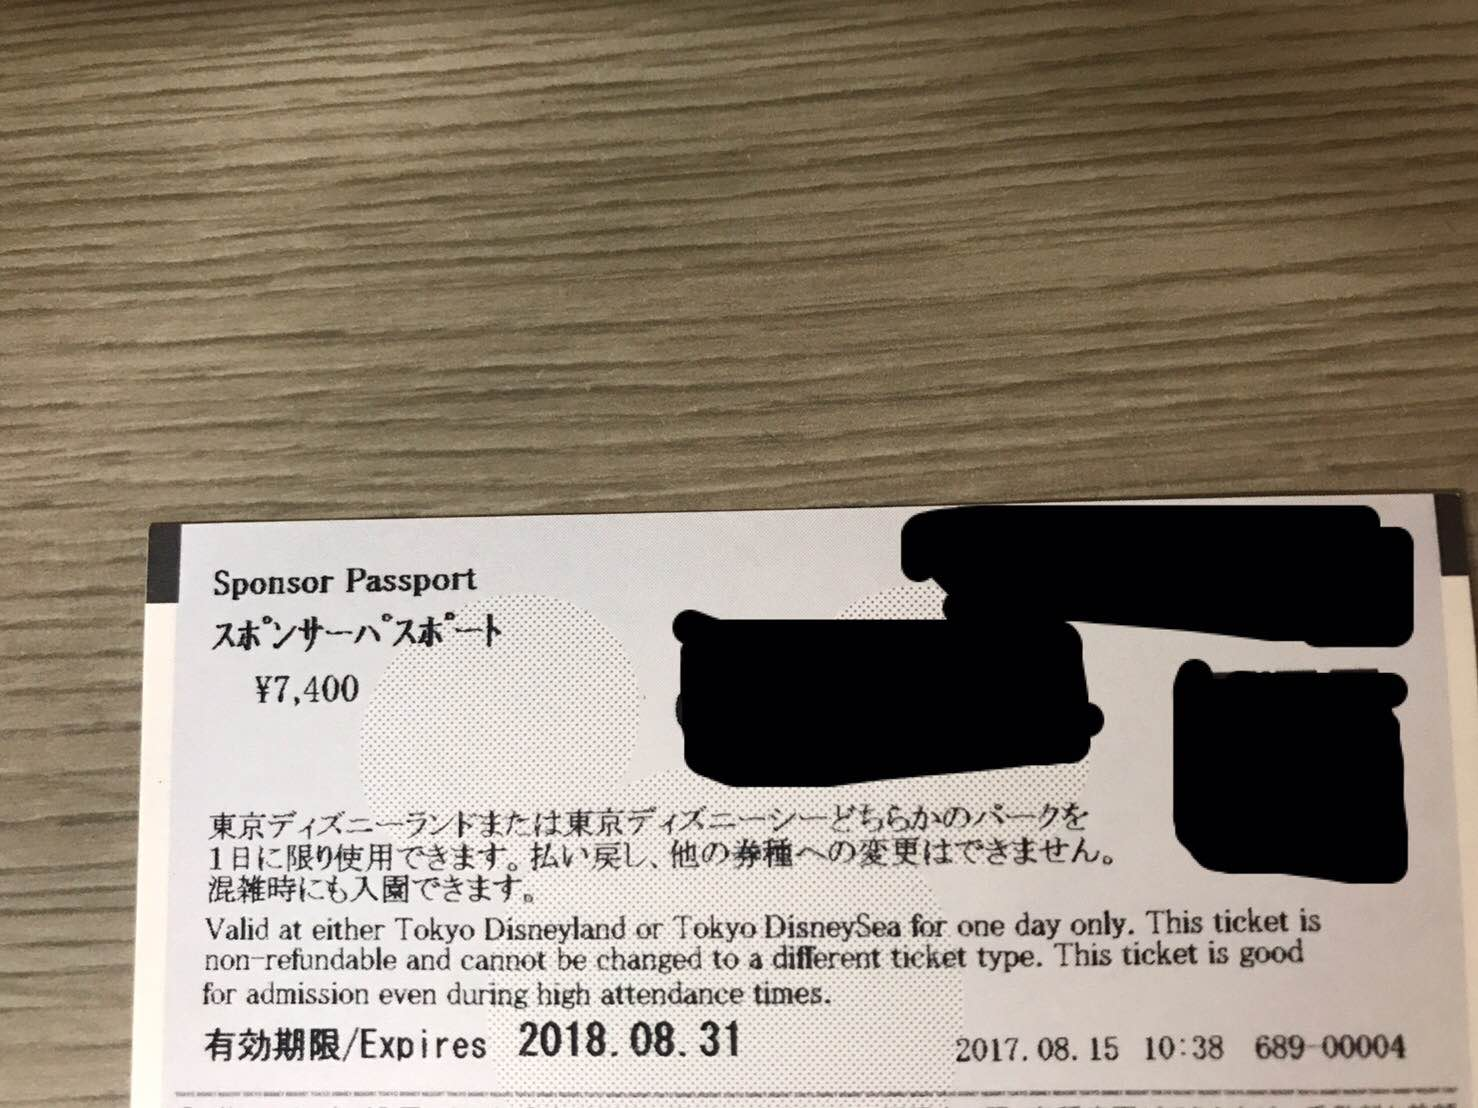 メルカリ - 東京ディズニーリゾートペアチケット 【遊園地/テーマ